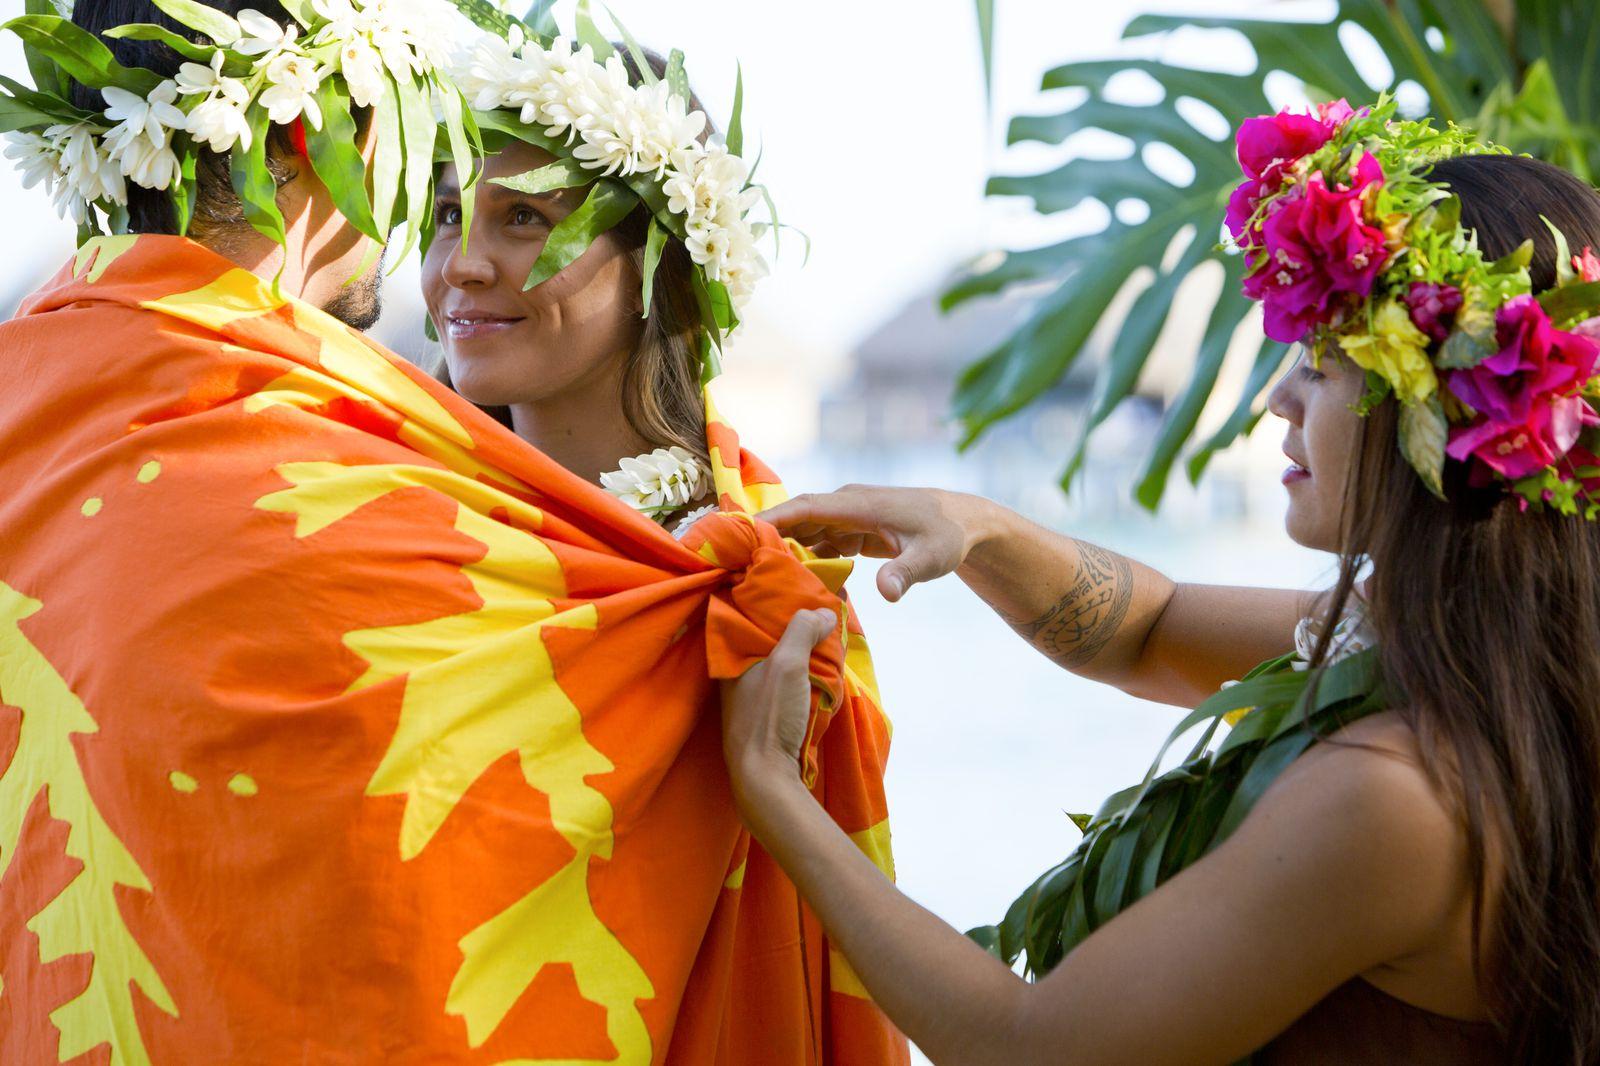 もうひとつ、おすすめのお土産が「ティファイファイ」と呼ばれるタヒチアンキルト。タヒチでは、結婚する際に花婿側から花嫁へこれを贈る習慣があり、ウエディングセレモニーでは新郎新婦を大きな一枚のティファイファイで包んで永遠の愛を誓う儀式が行われるんです。現地ではキットが販売されているので、旅の思い出として自分だけのオリジナルキルトにトライしてみてはいかがでしょうか。